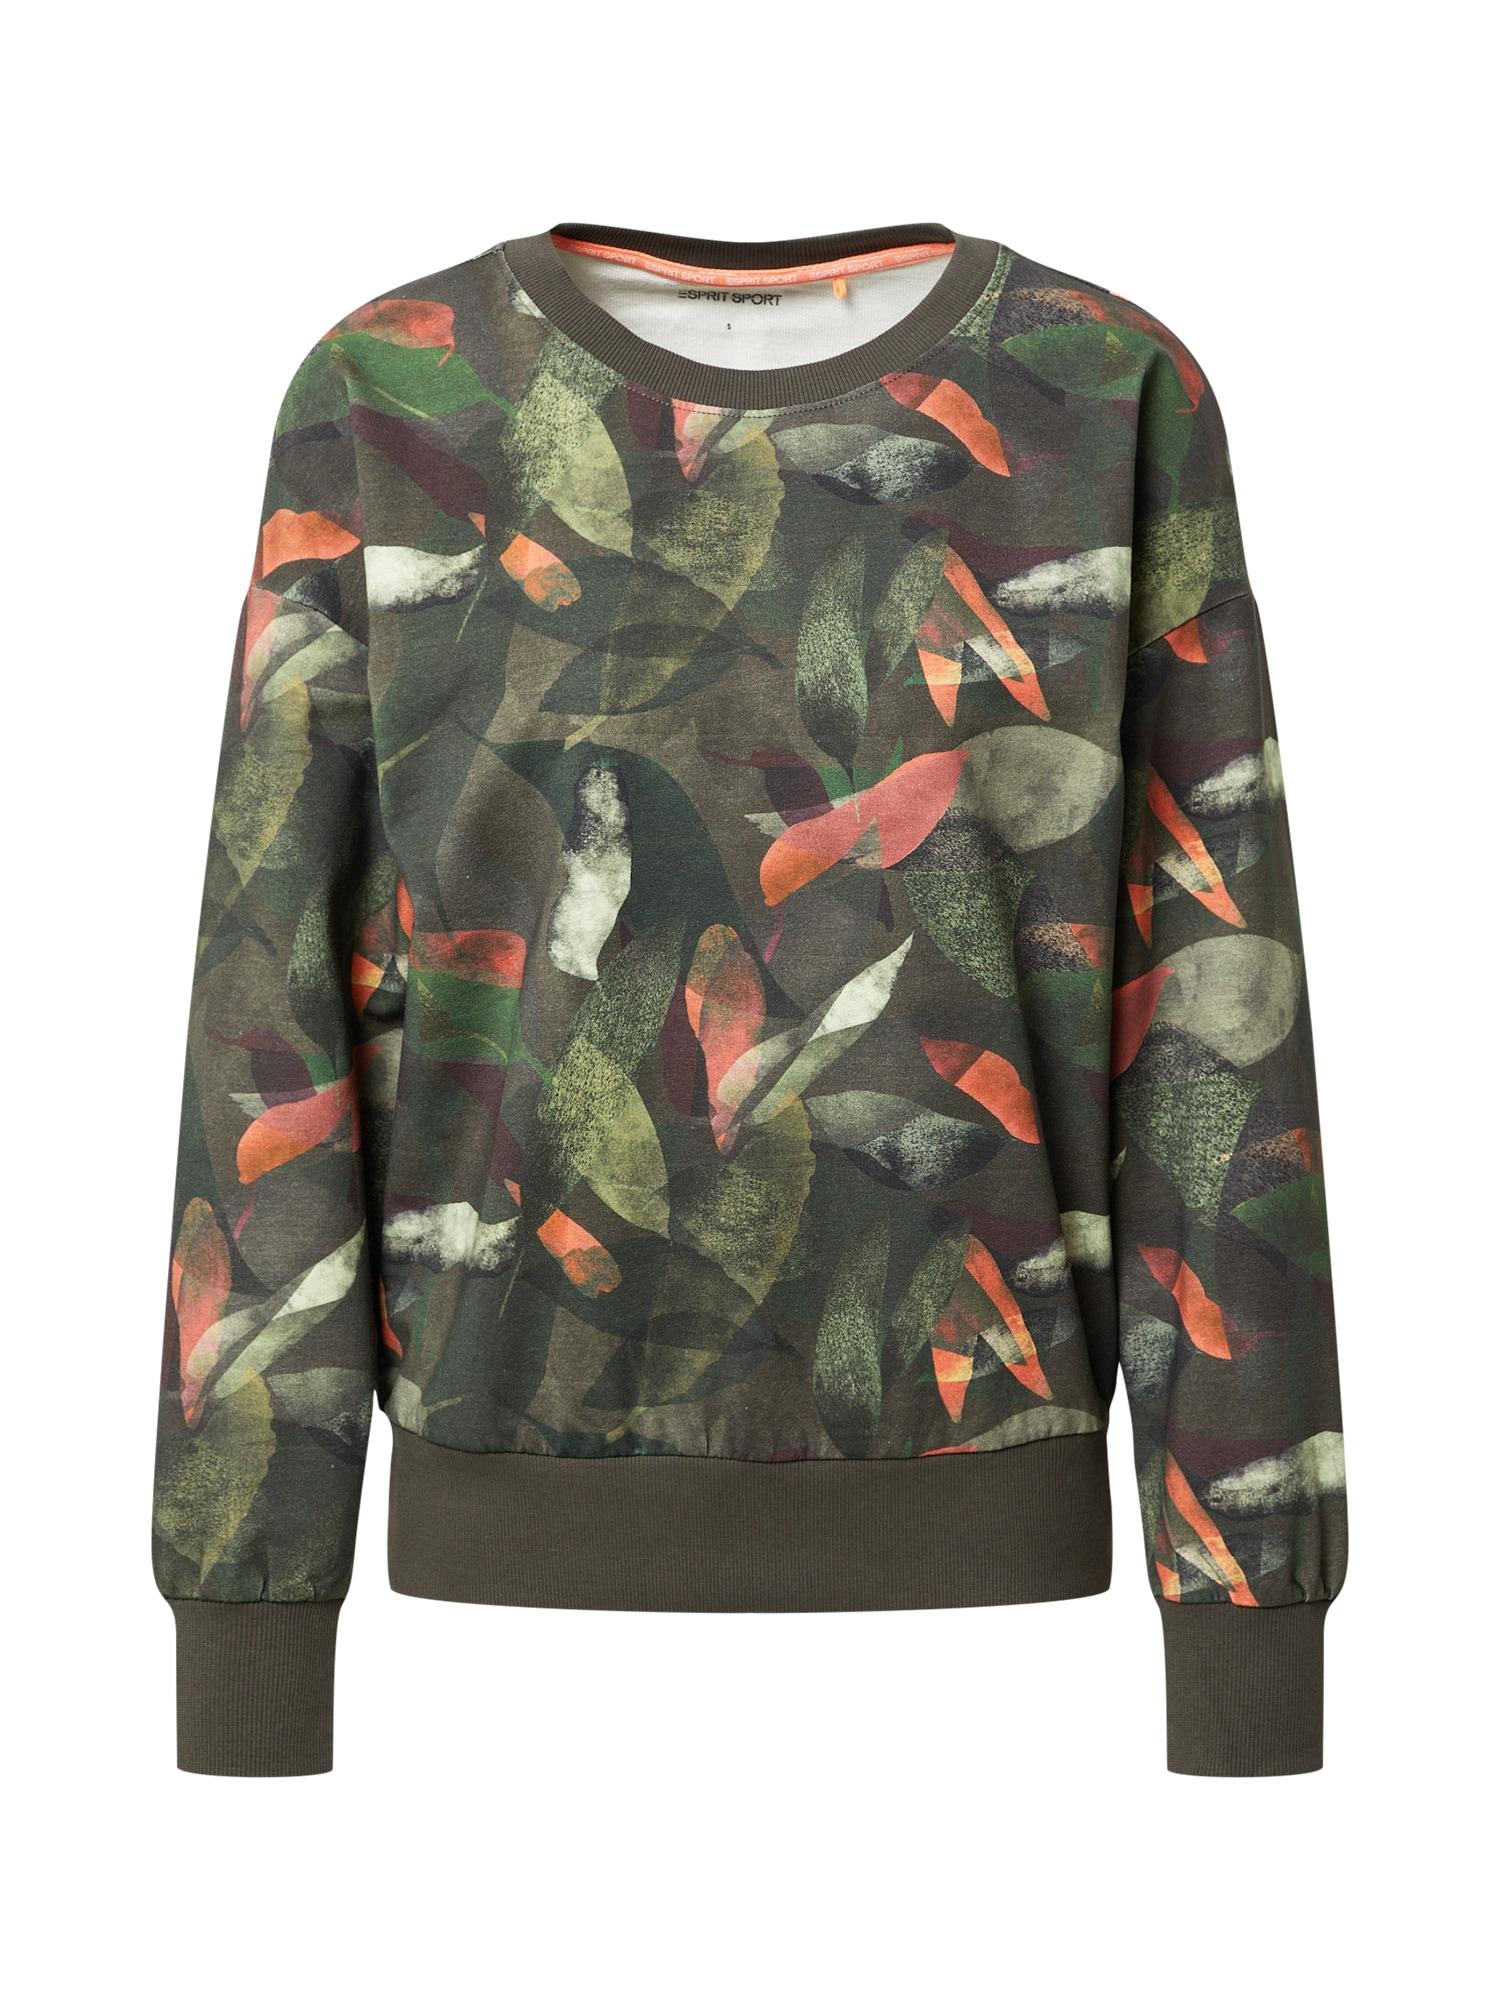 ESPRIT SPORT Sportinio tipo megztinis rusvai žalia / tamsiai žalia / alyvuogių spalva / koralų splava